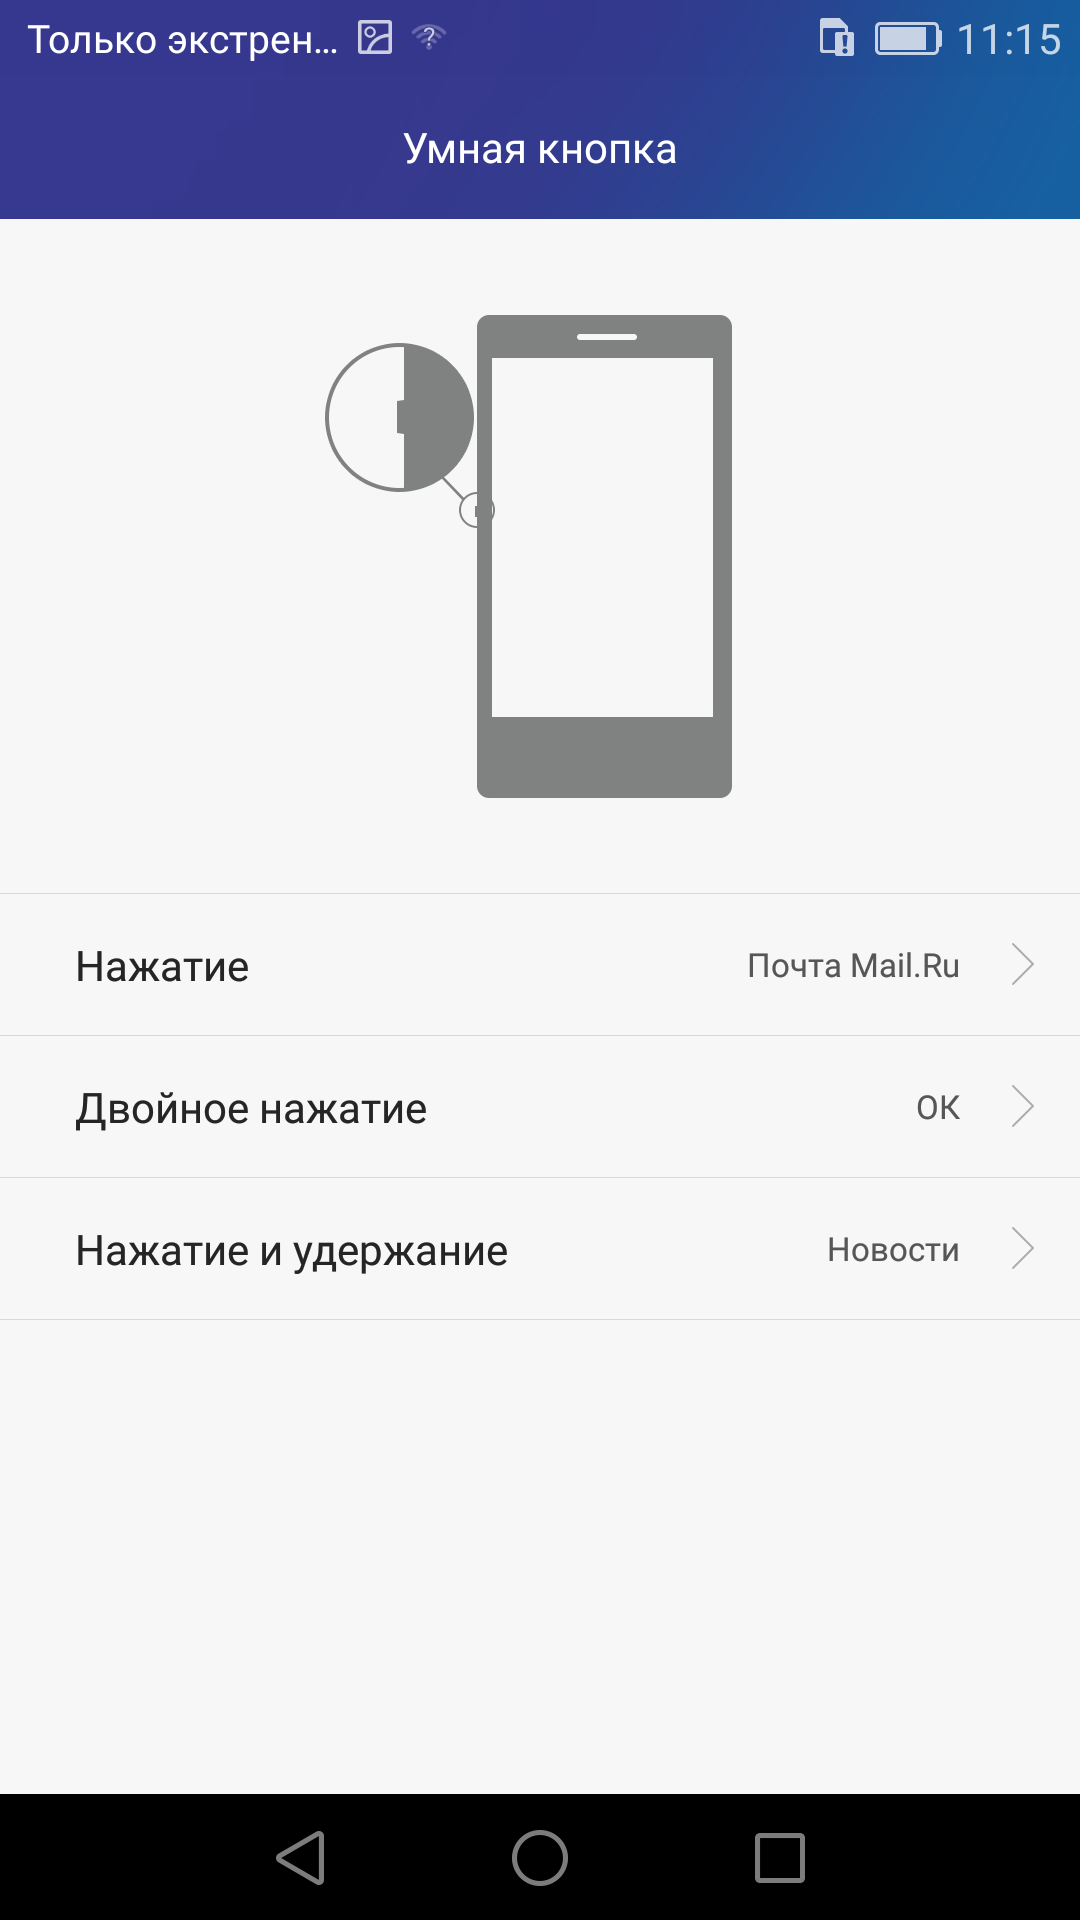 Как сделать скриншот с китайского телефона